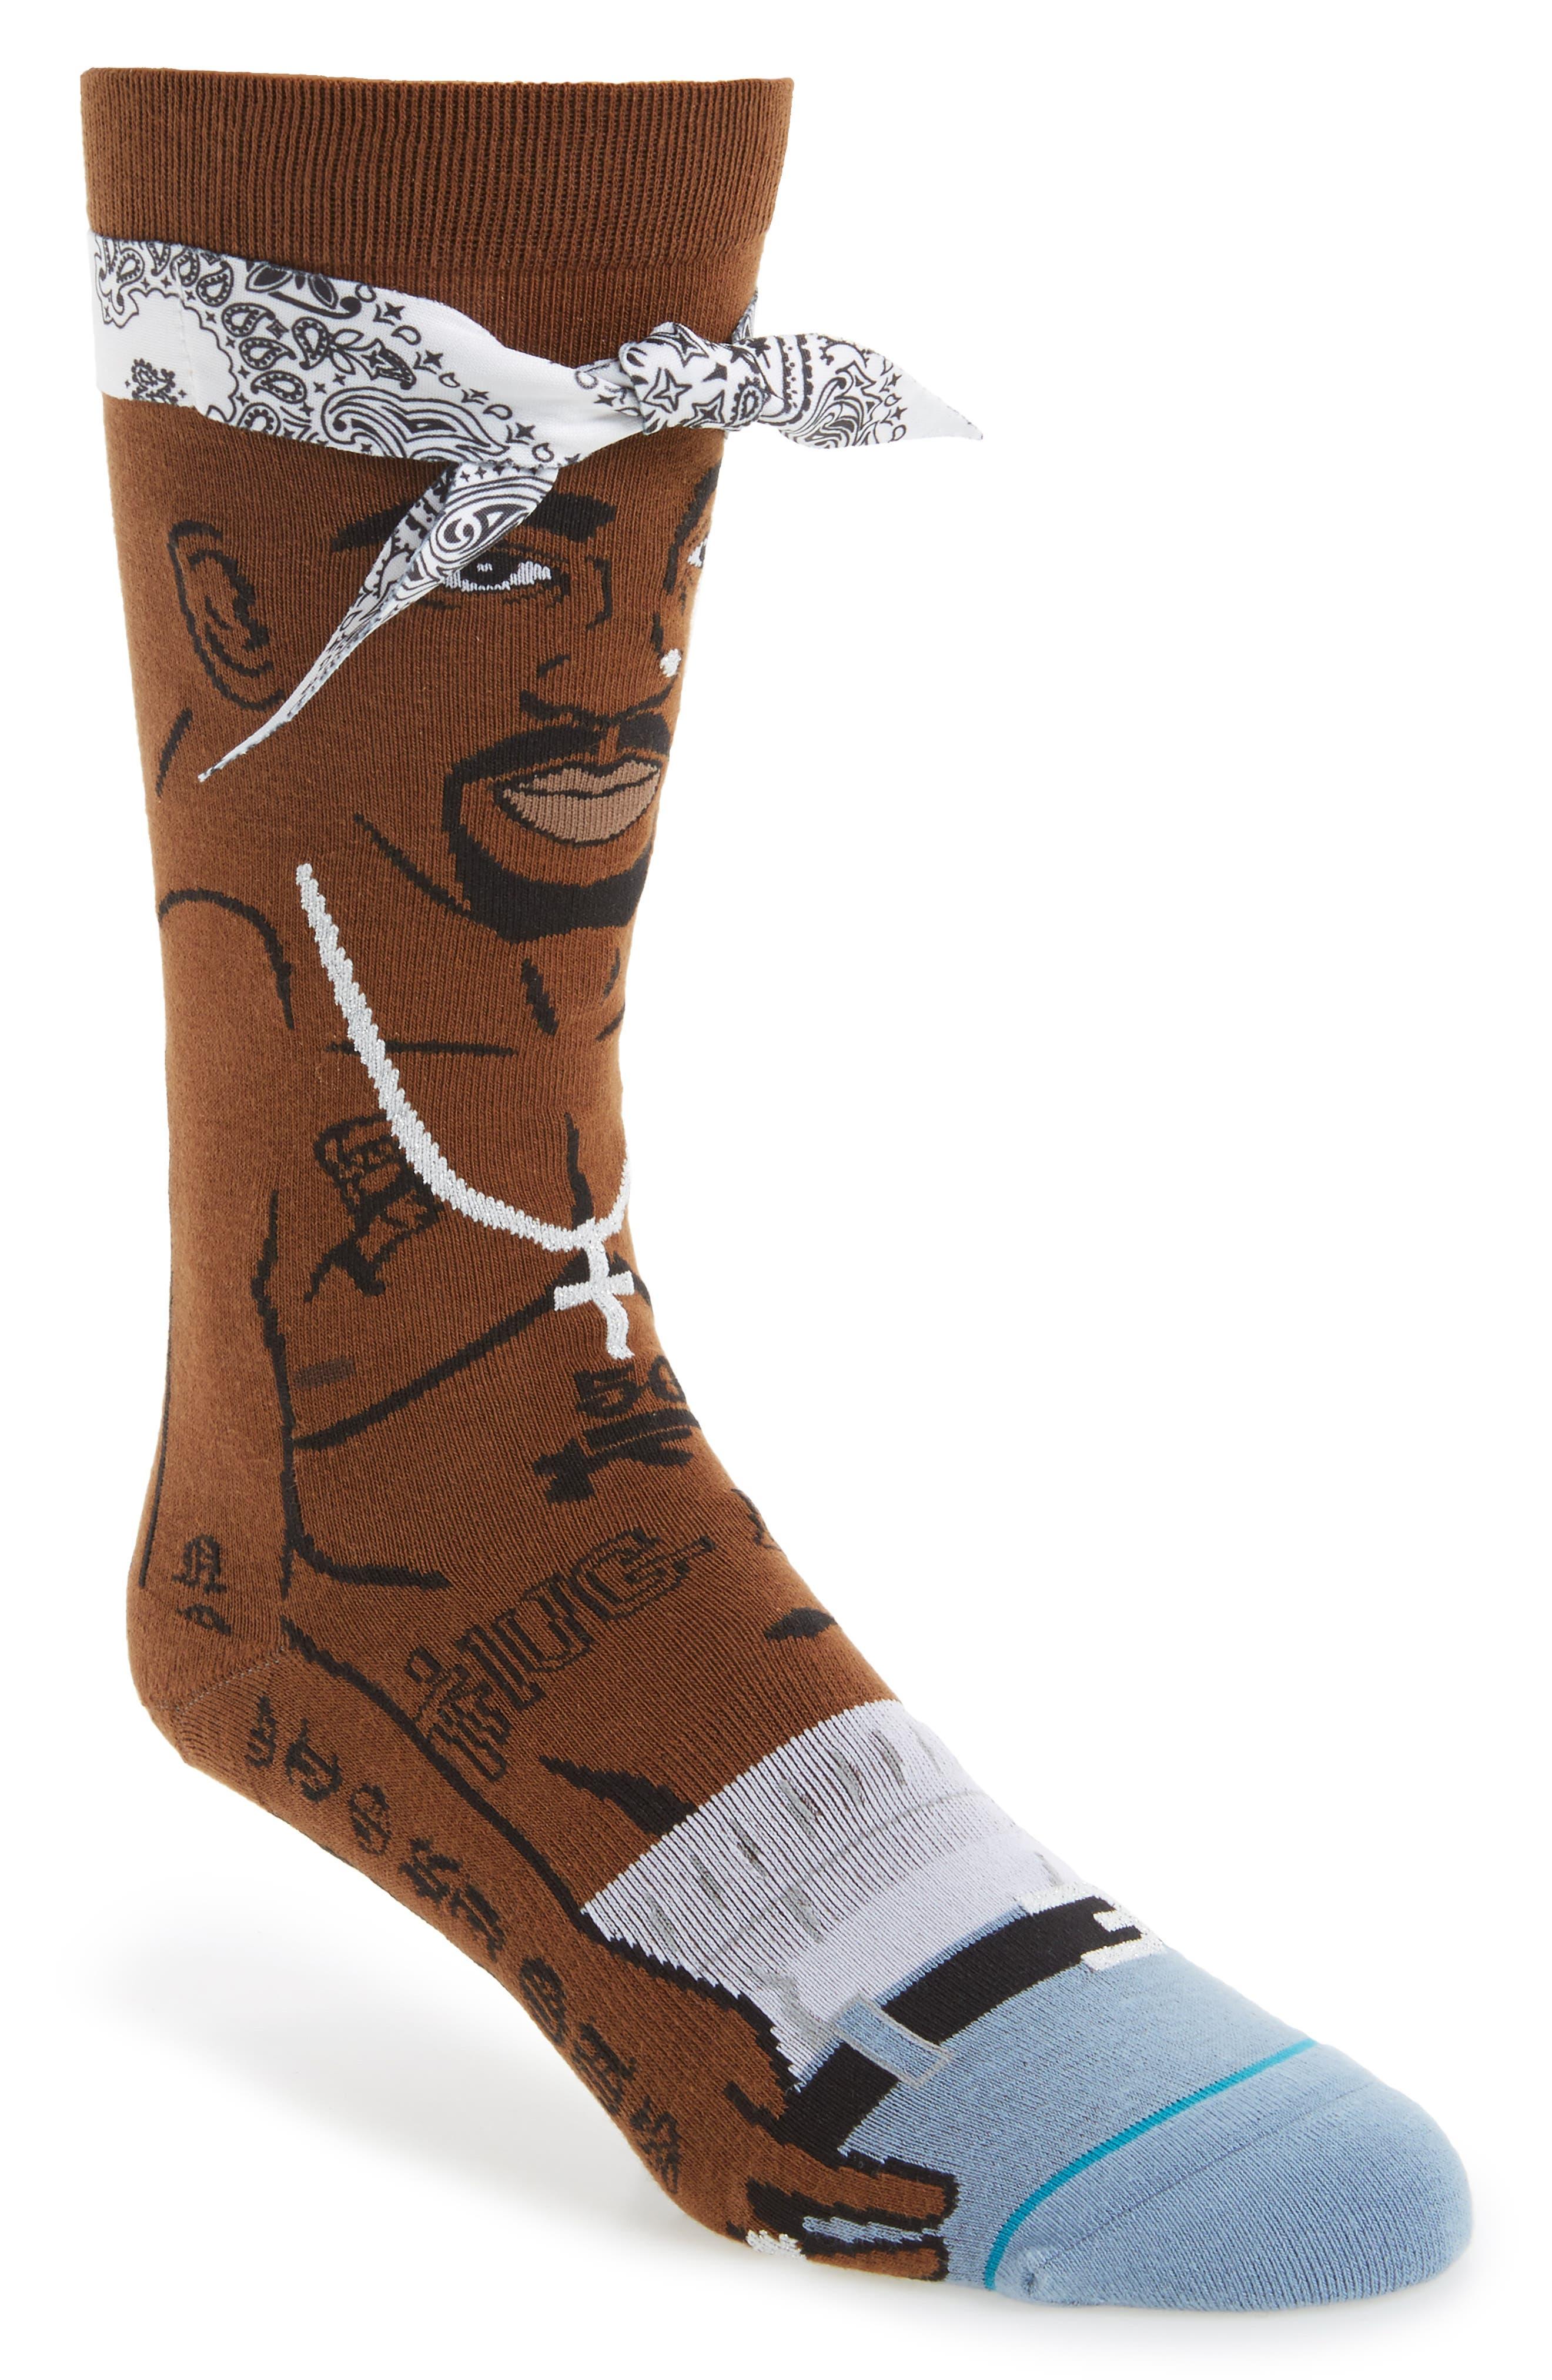 Main Image - Stance Tupac V2 Socks